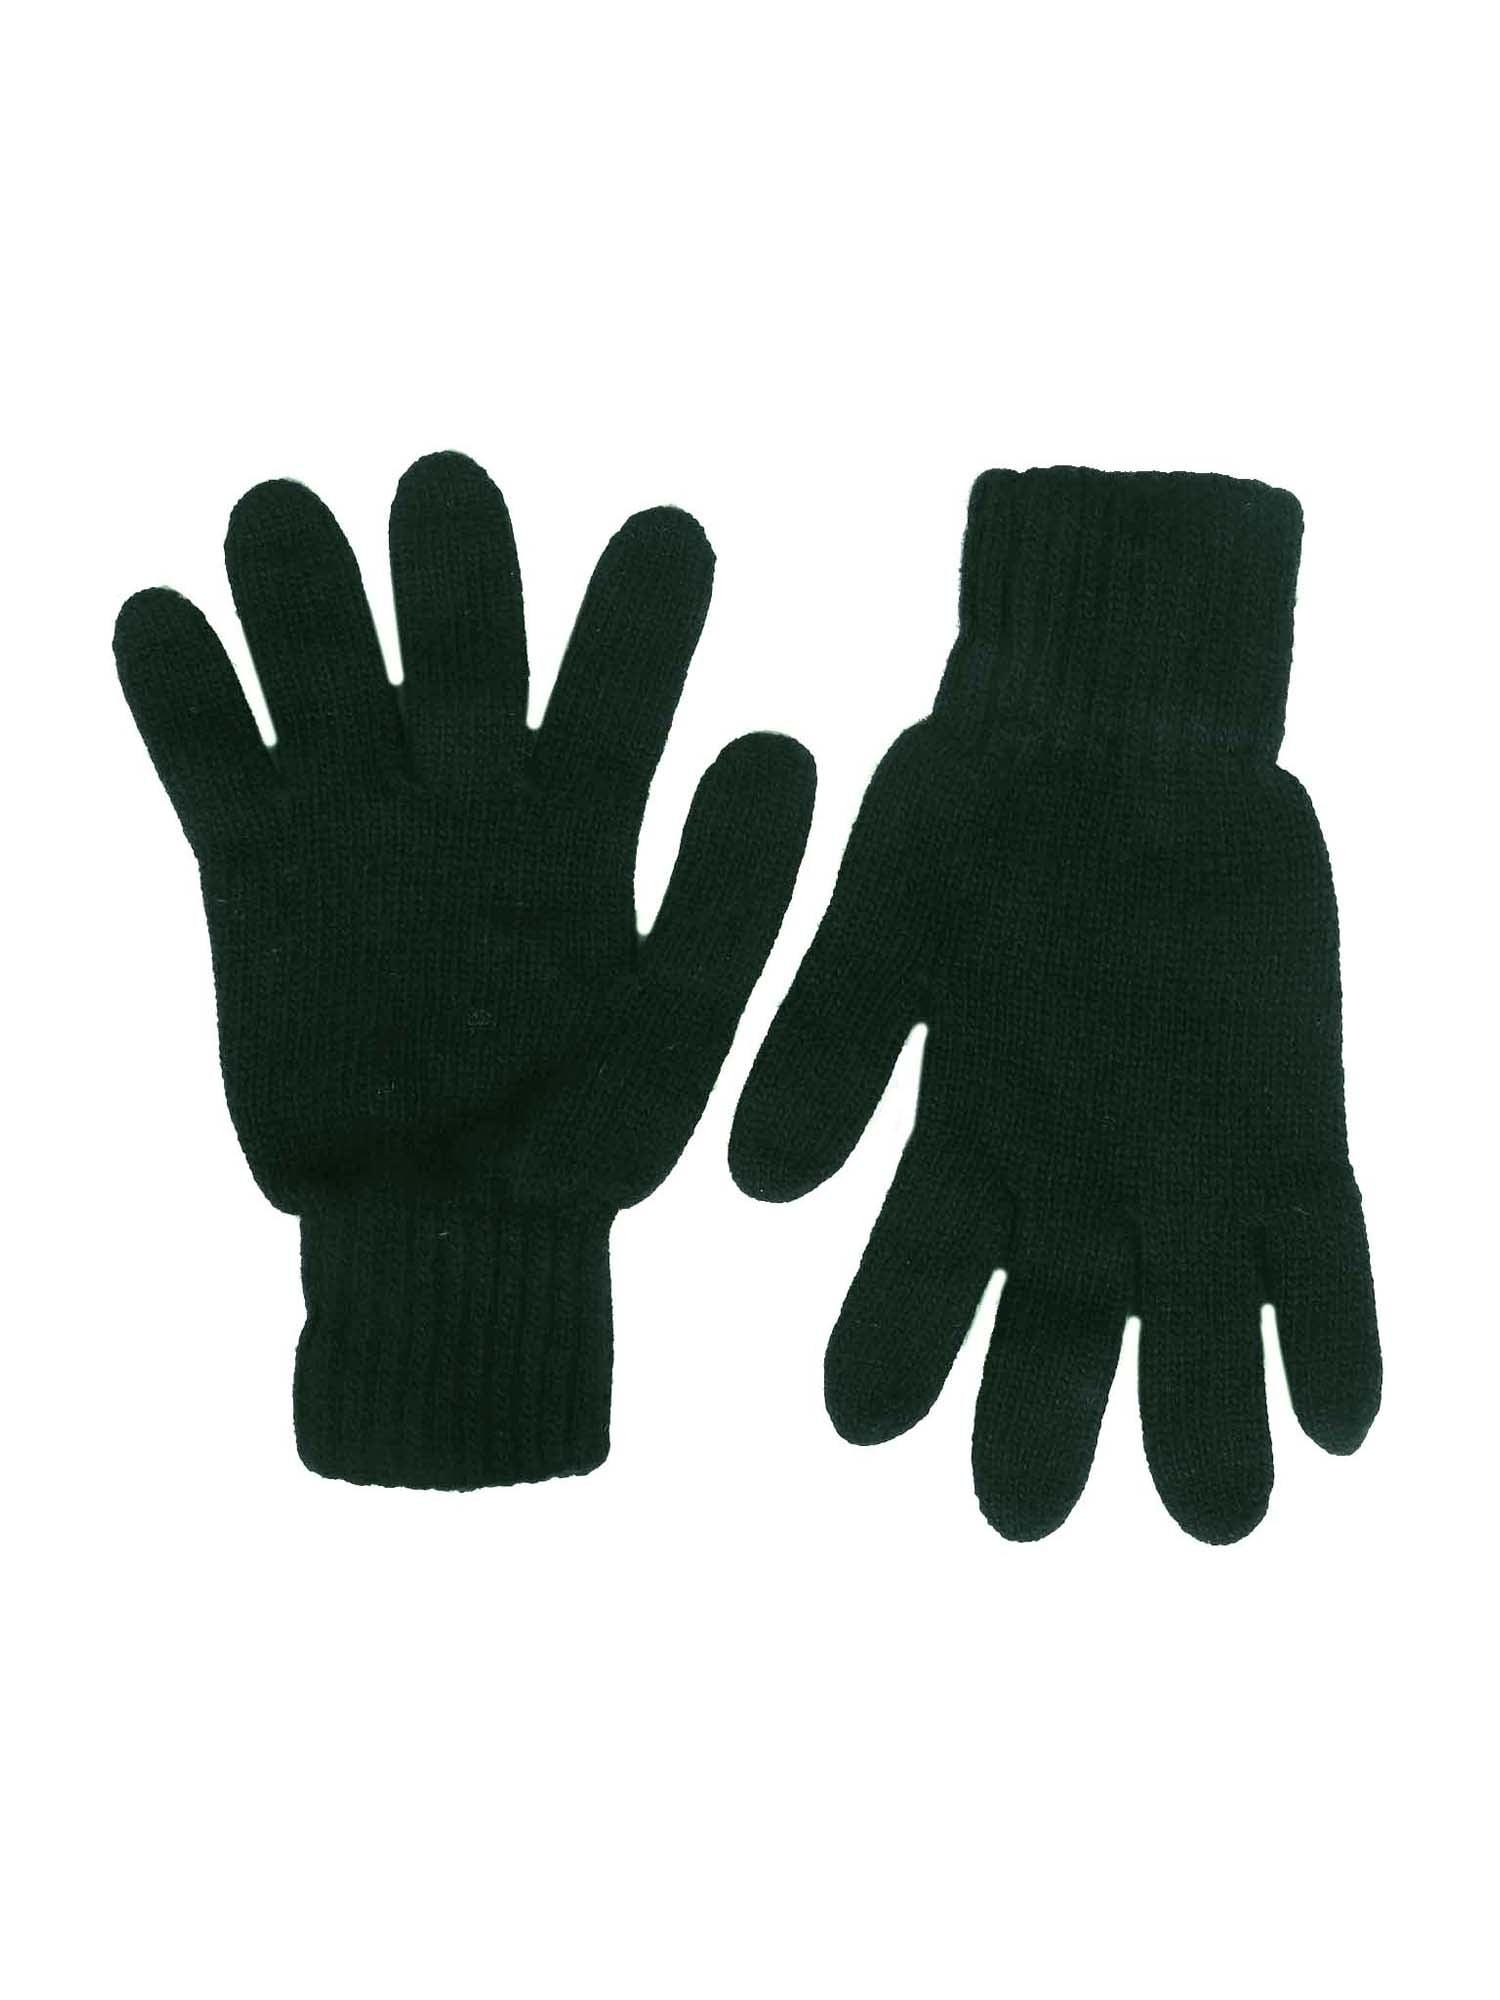 Zwillingsherz Pirštuotos pirštinės tamsiai žalia